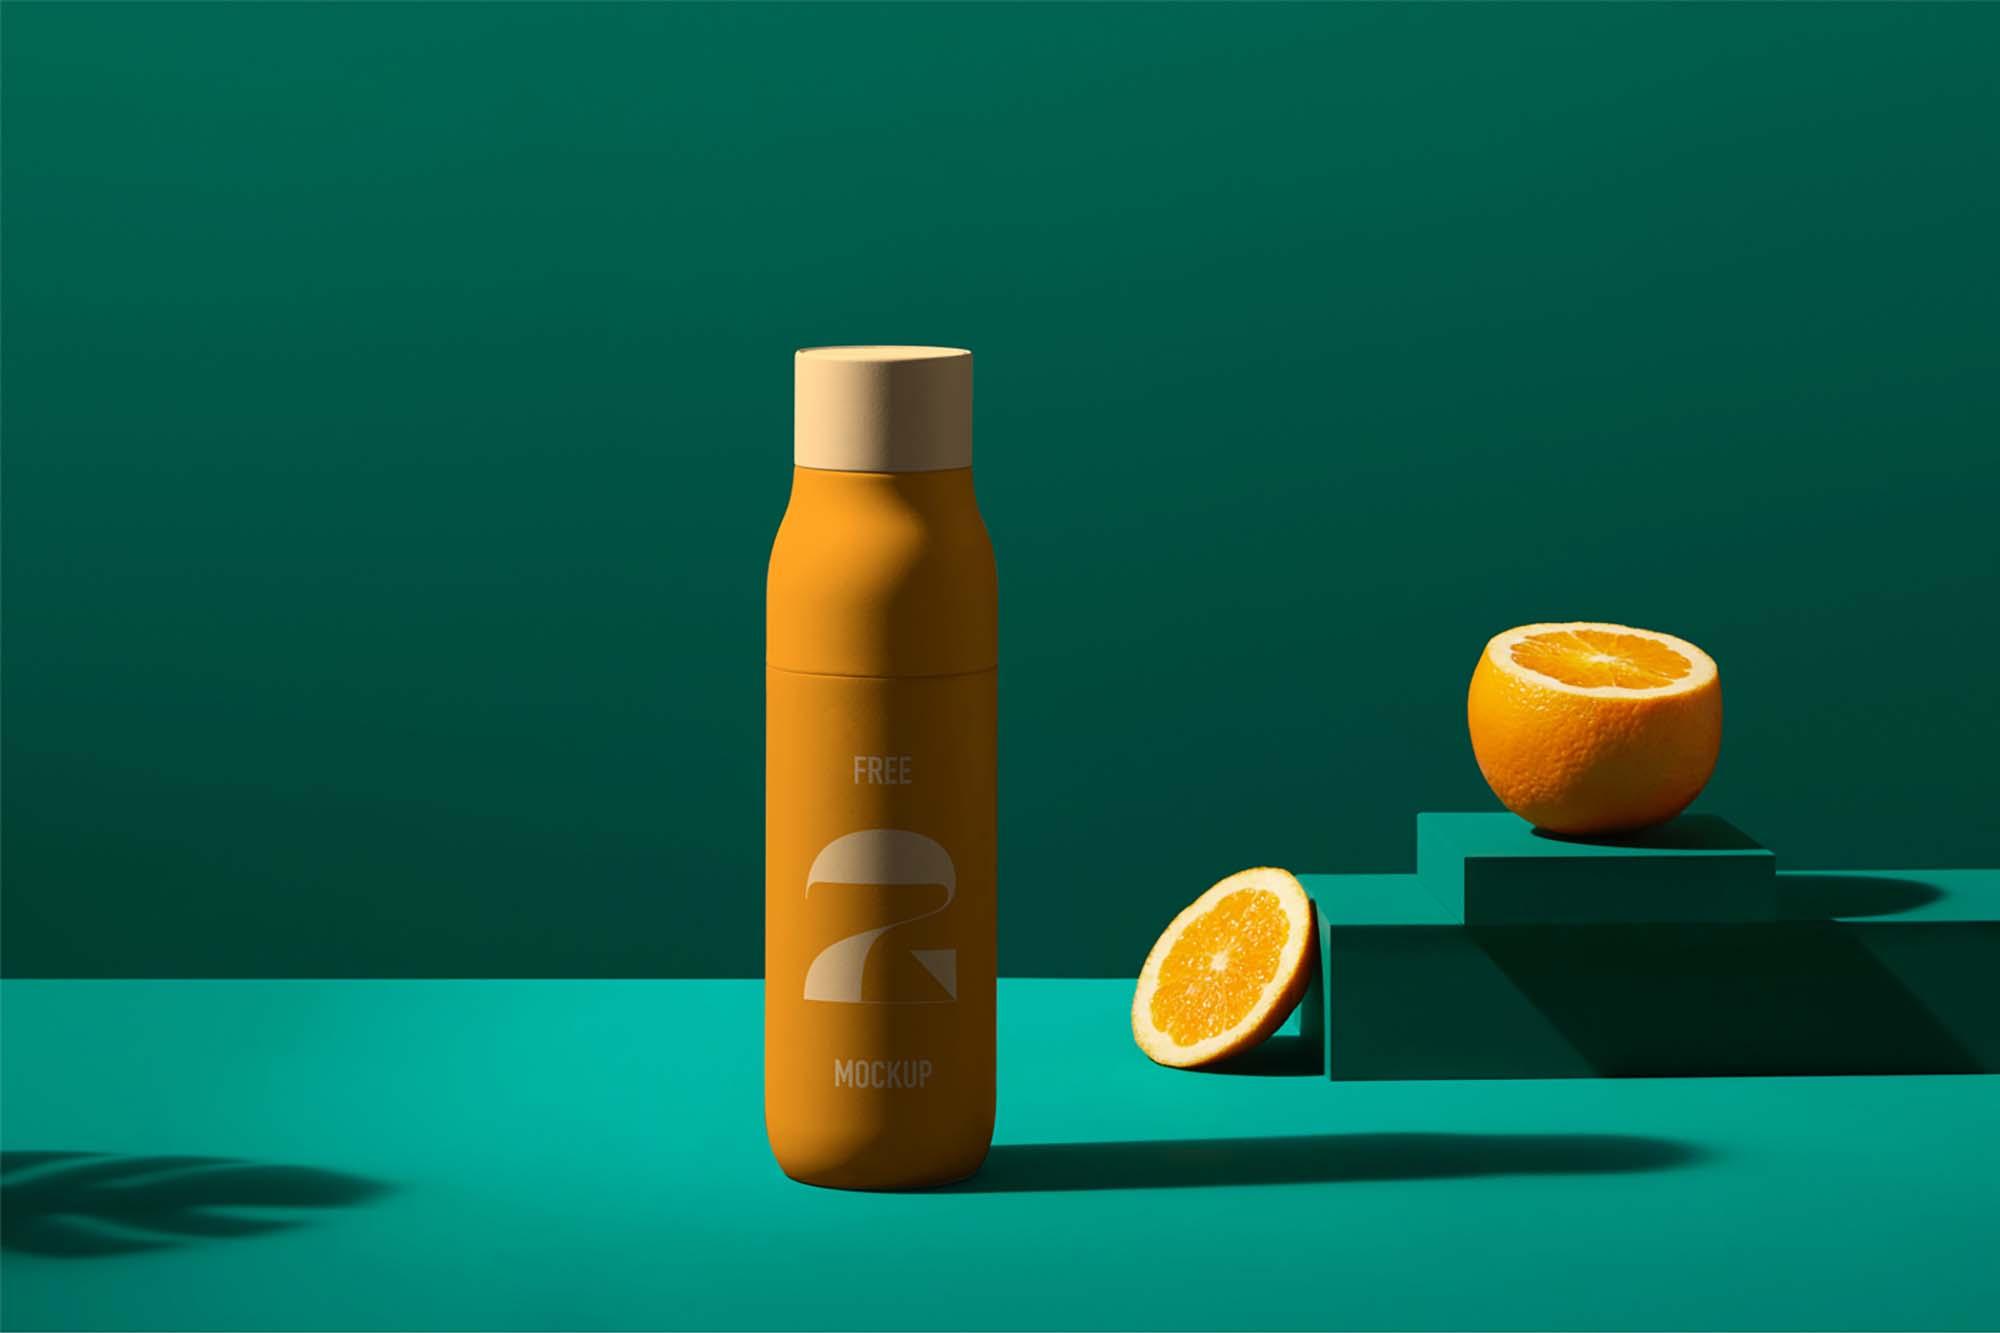 Slim Juice Bottle